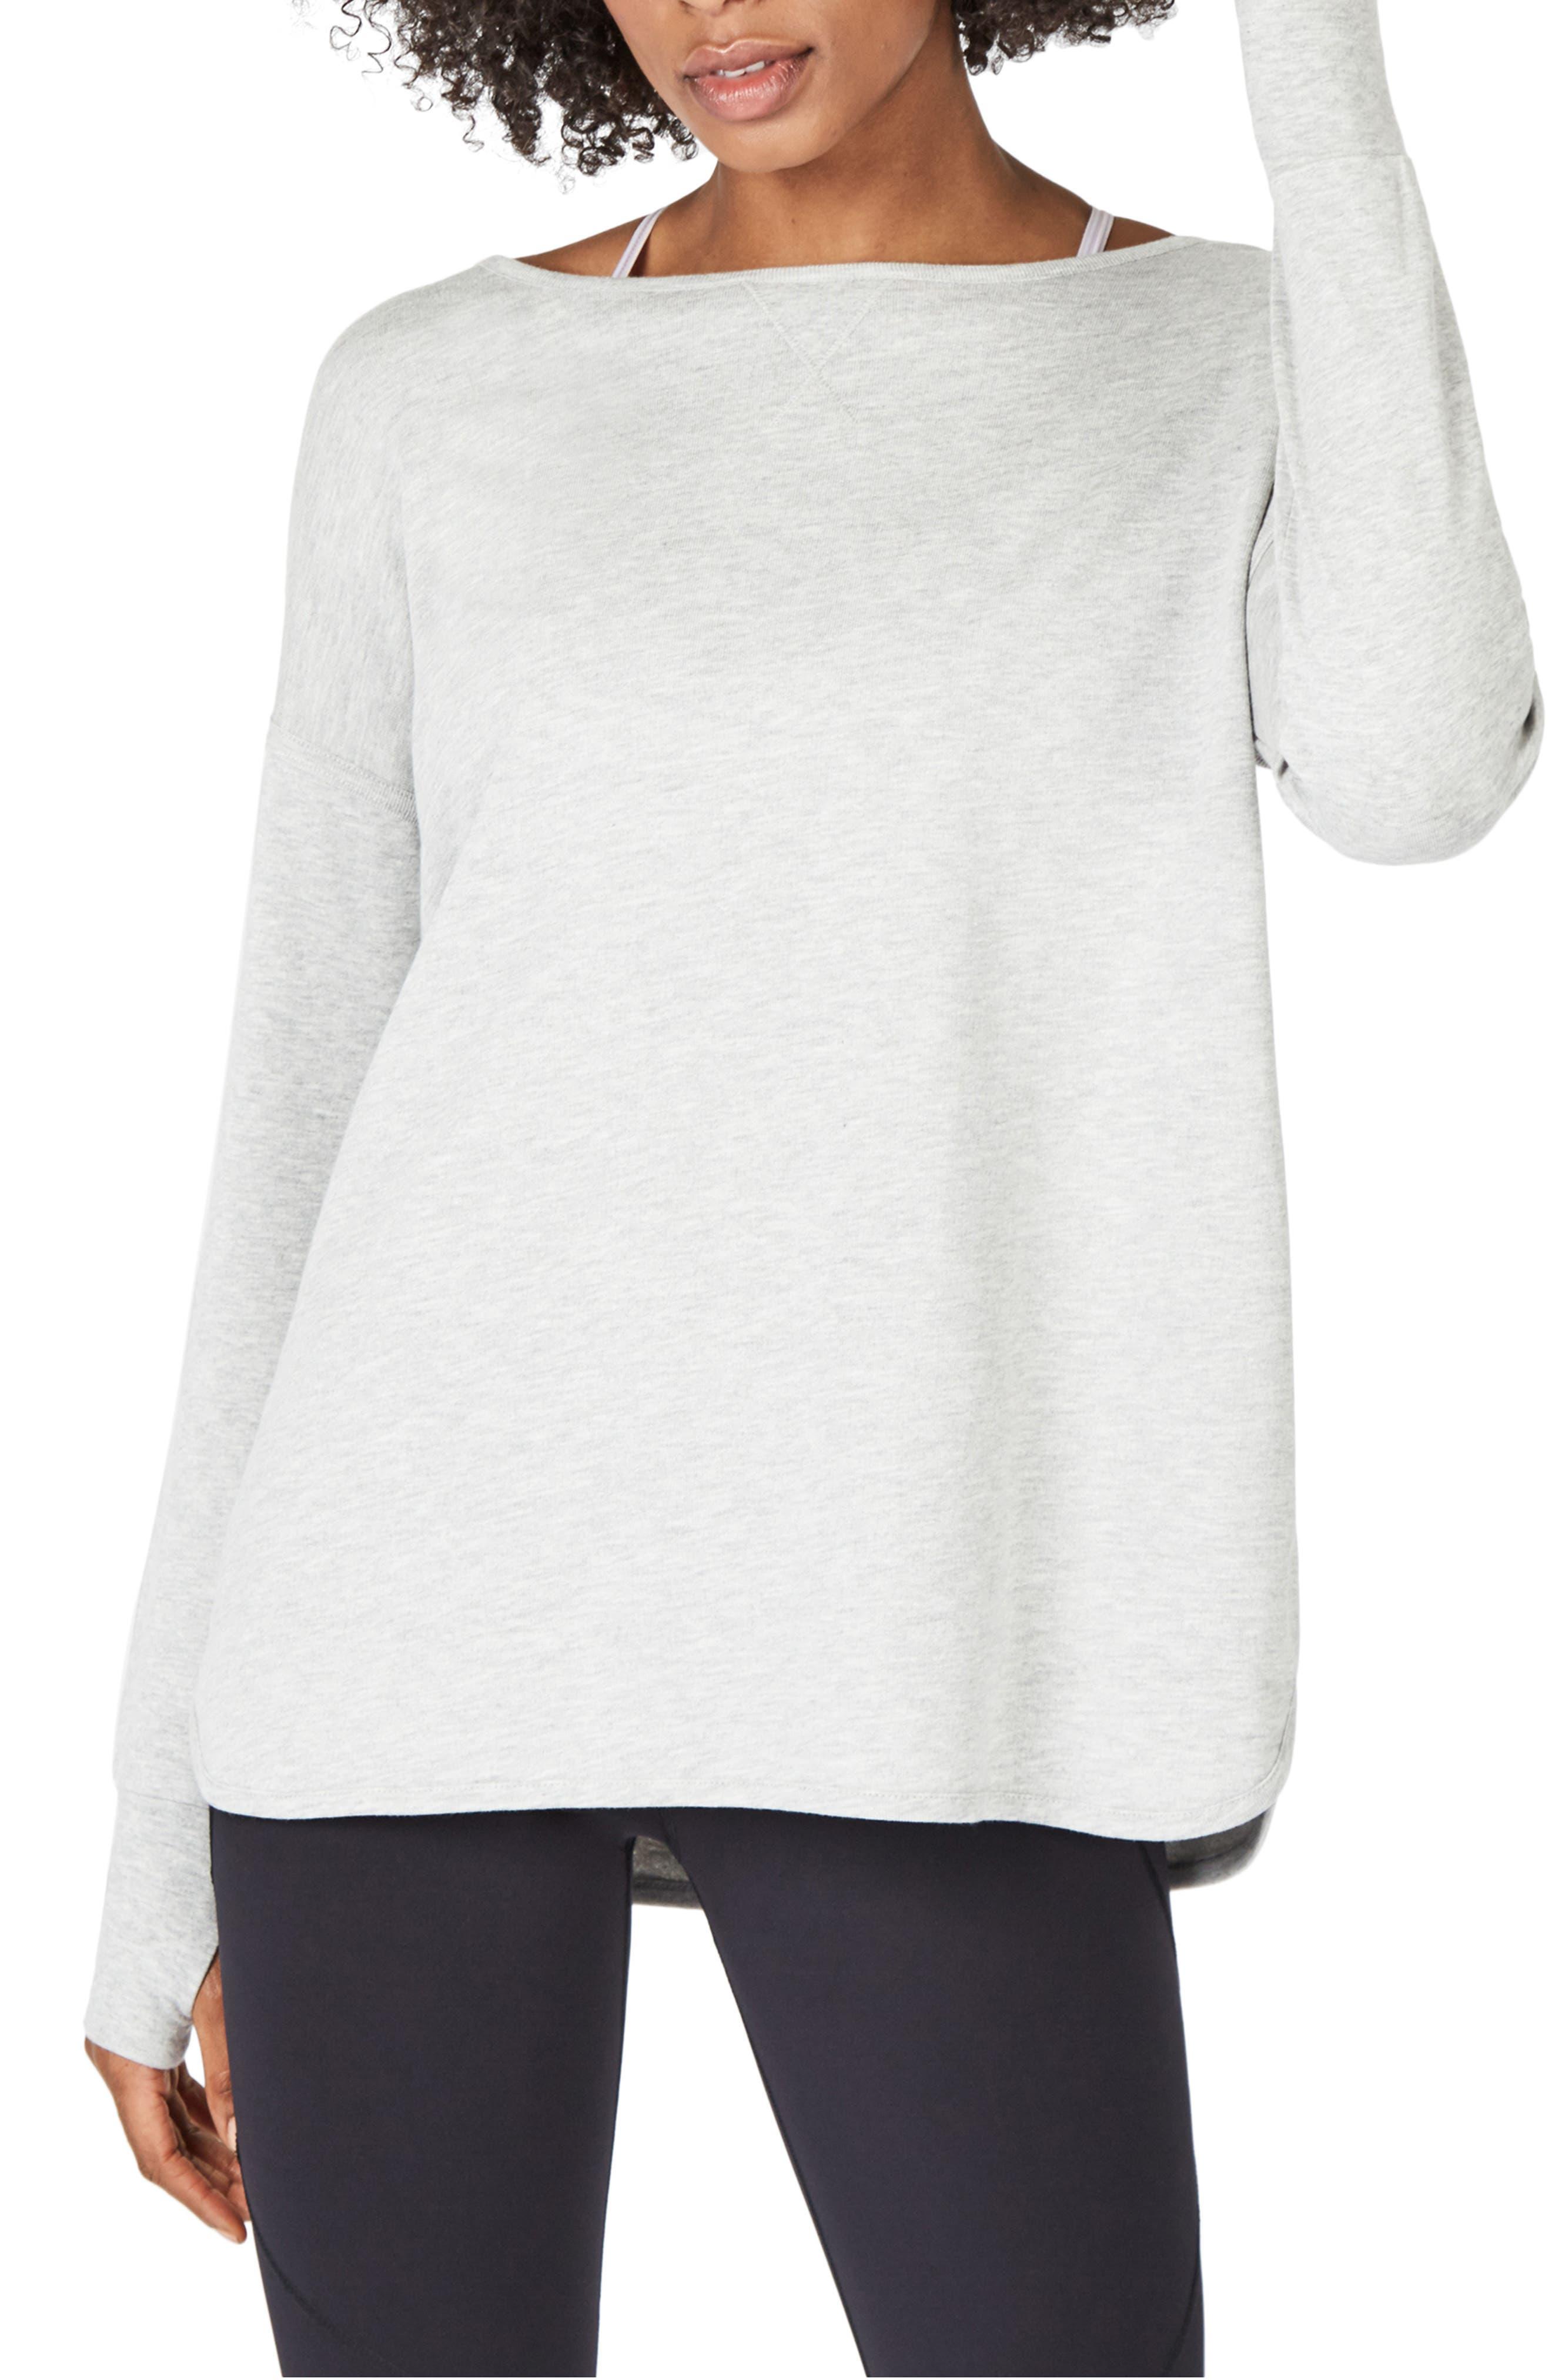 Sweaty Betty Simhasana Back Cutout Pullover